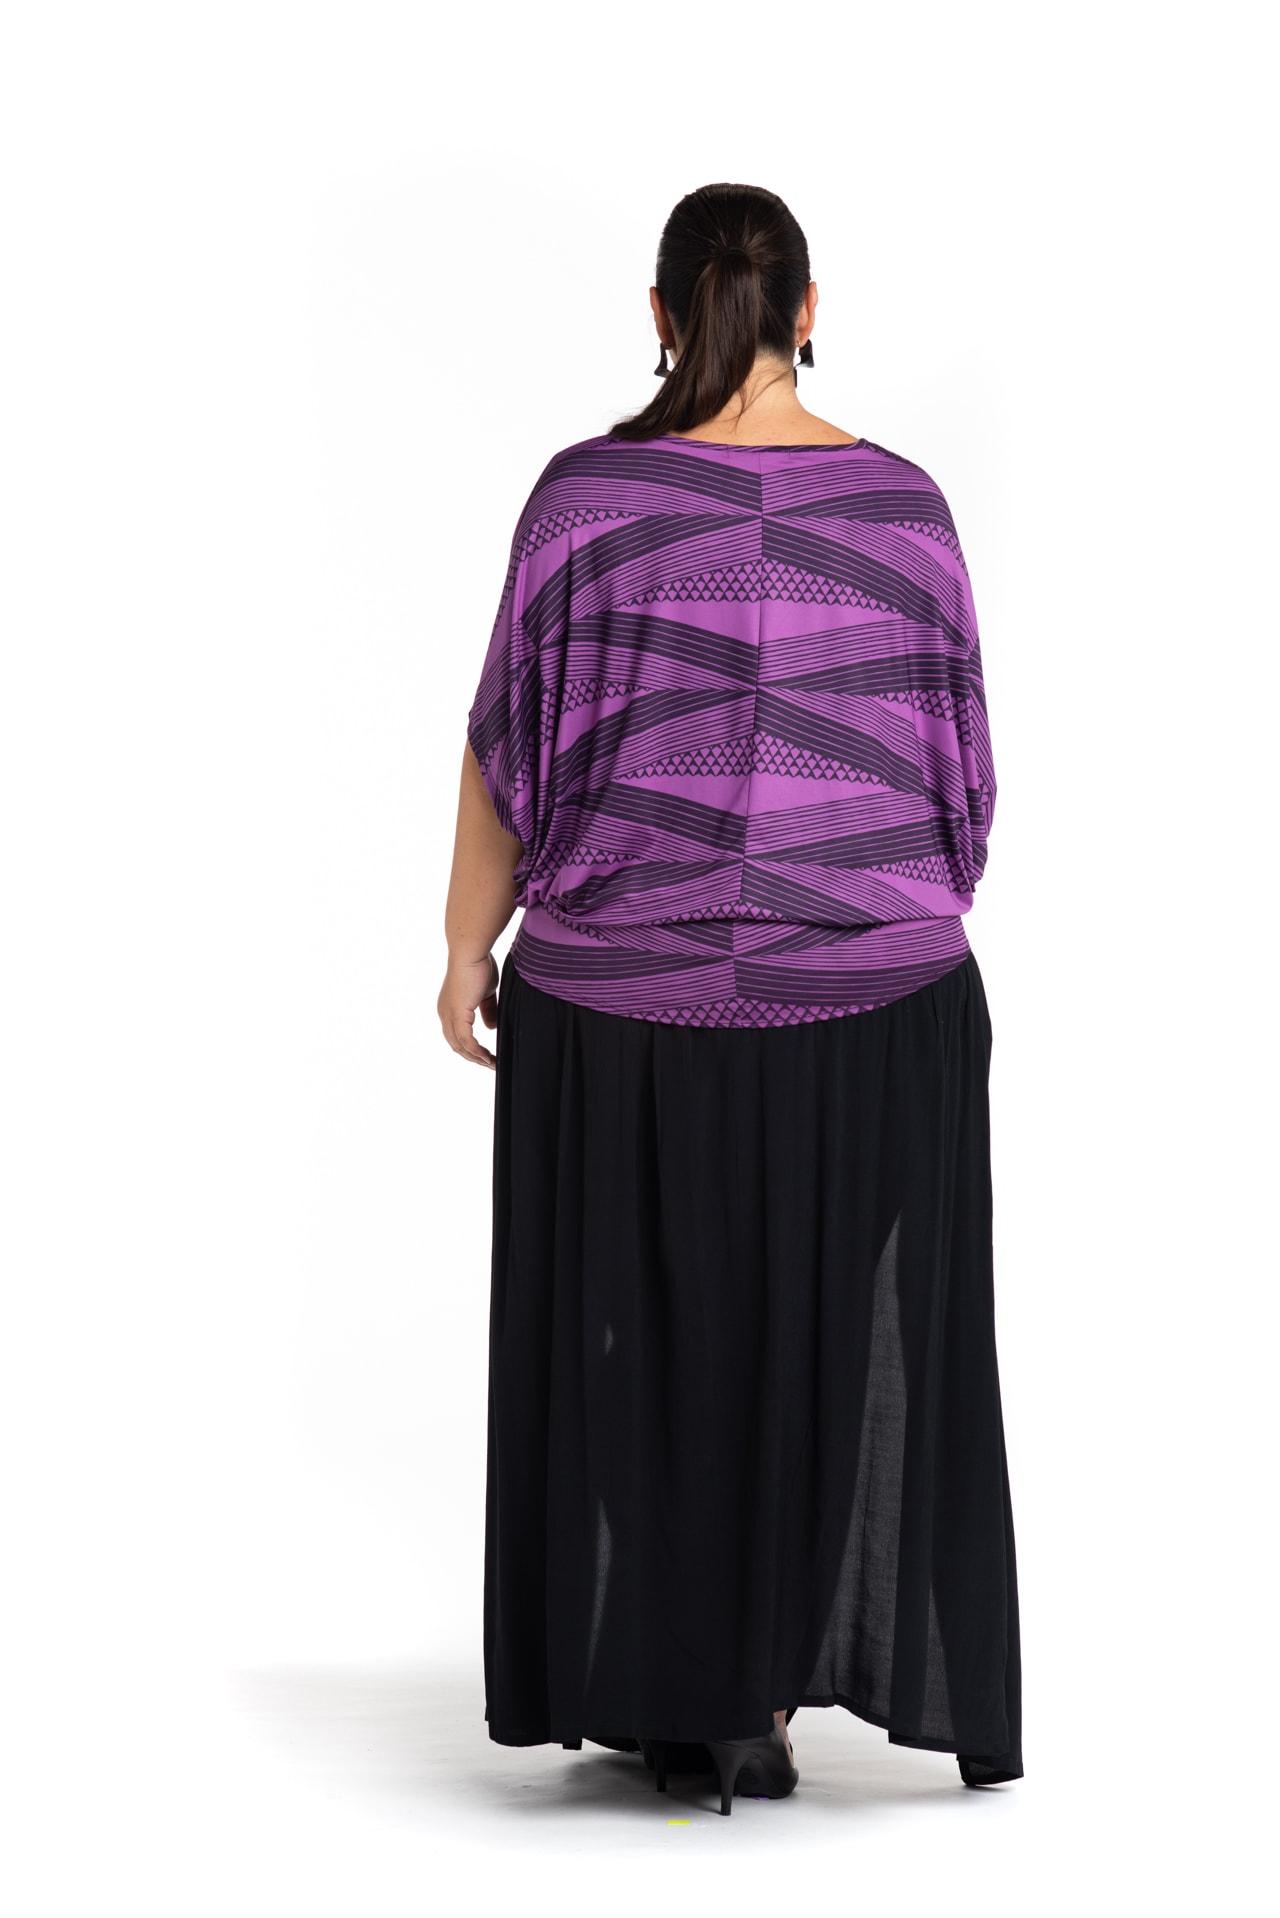 Model wearing Kealoha Top in Purple - Back View